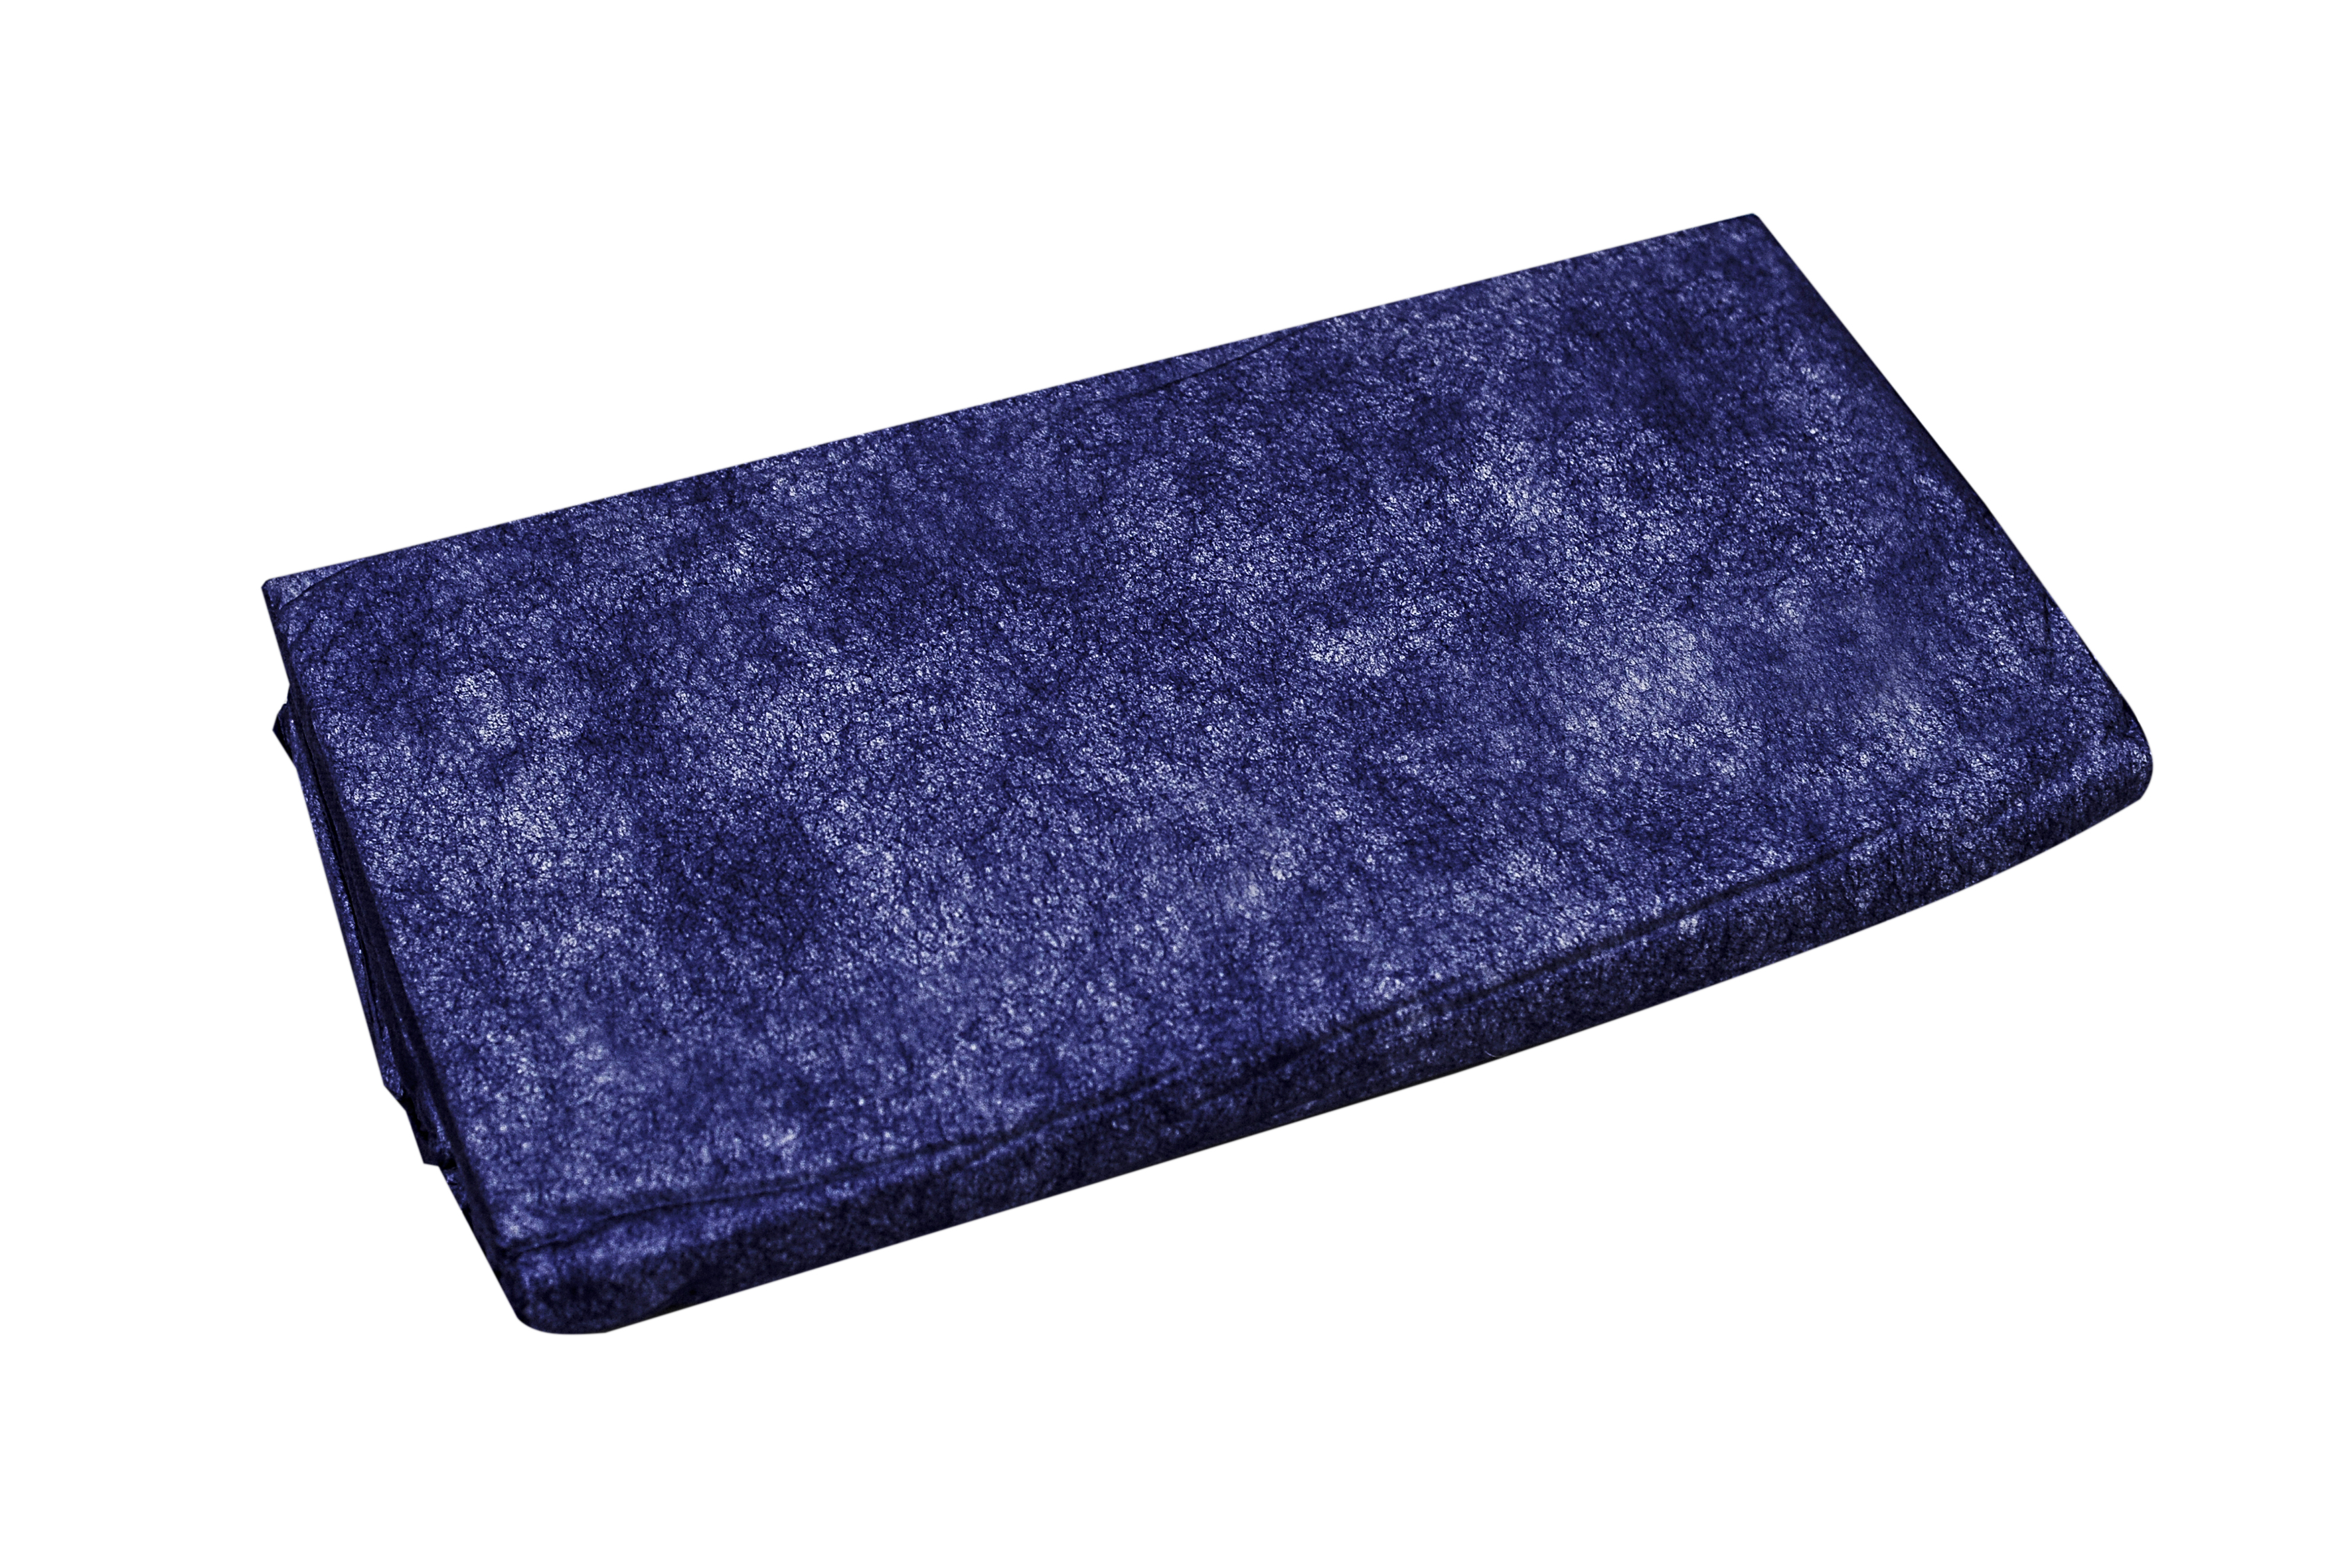 Einmaldecke, blau, 190 x 110 cm